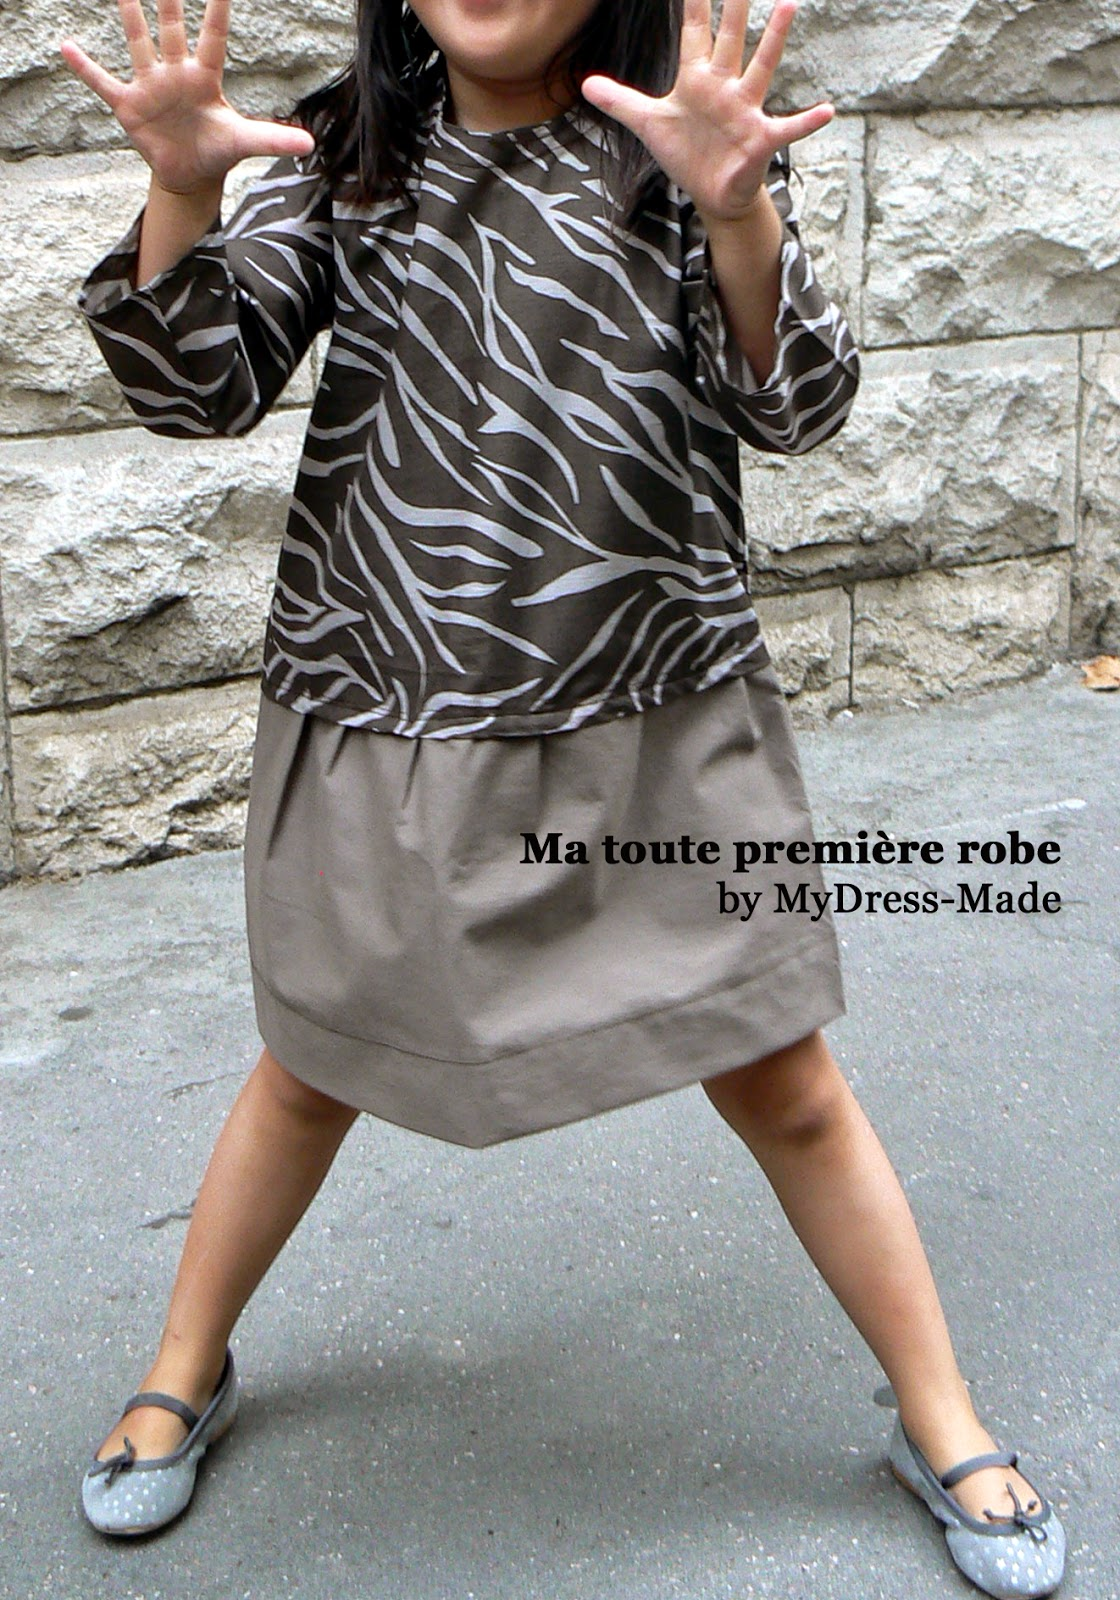 Ma toute première robe MyDress-Made